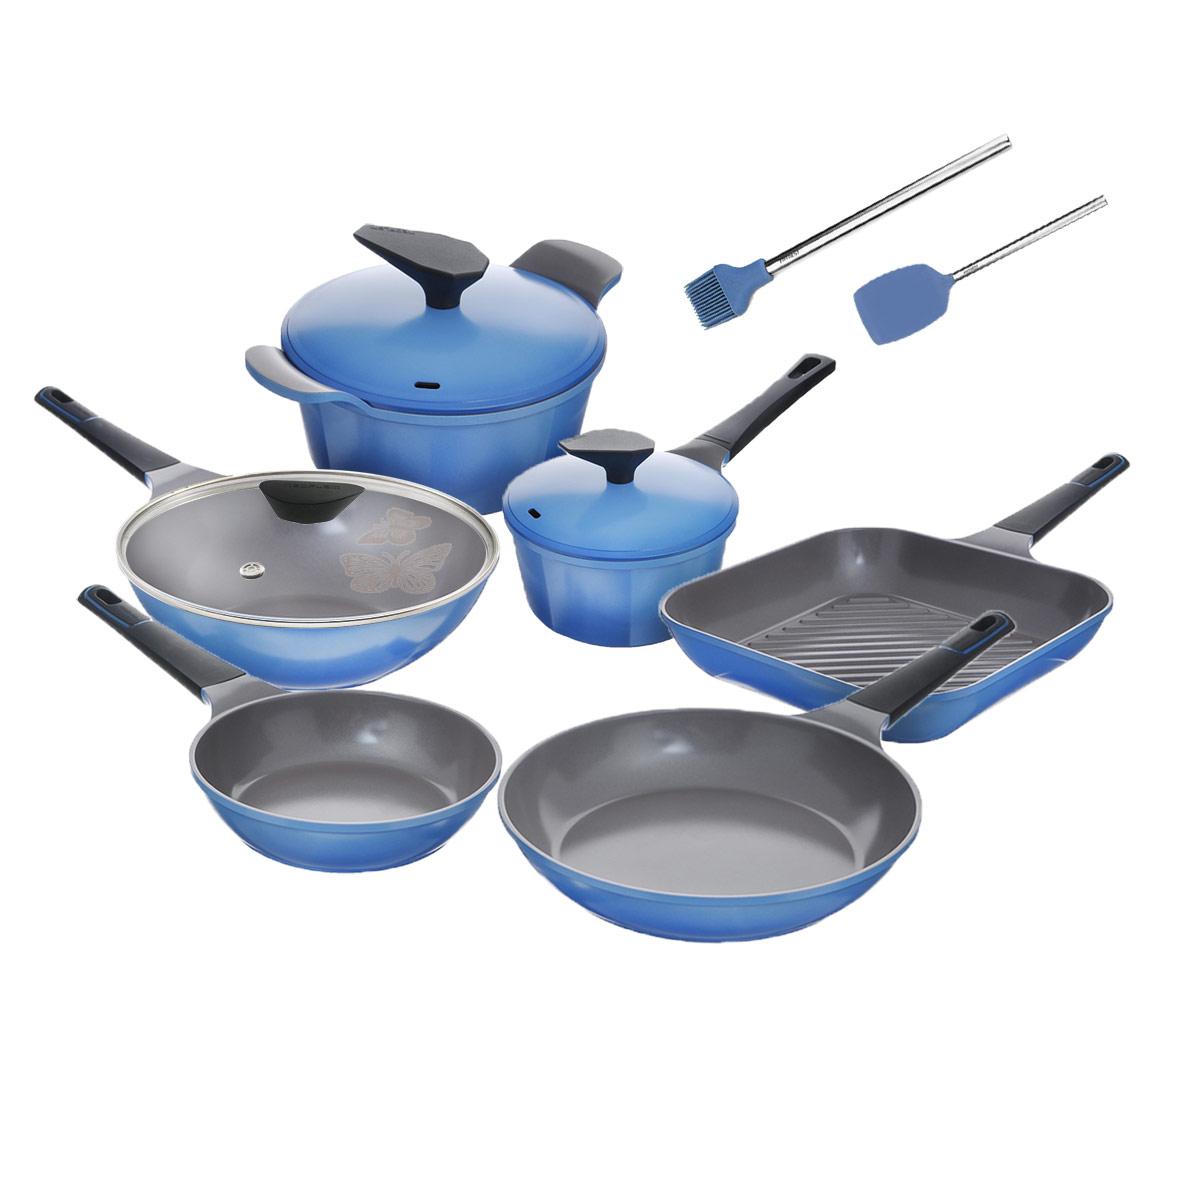 Набор посуды Frybest Azure, с керамическим покрытием, цвет: васильковый, 11 предметов кастрюля frybest azure с крышкой цвет голубой серый 4 5 л